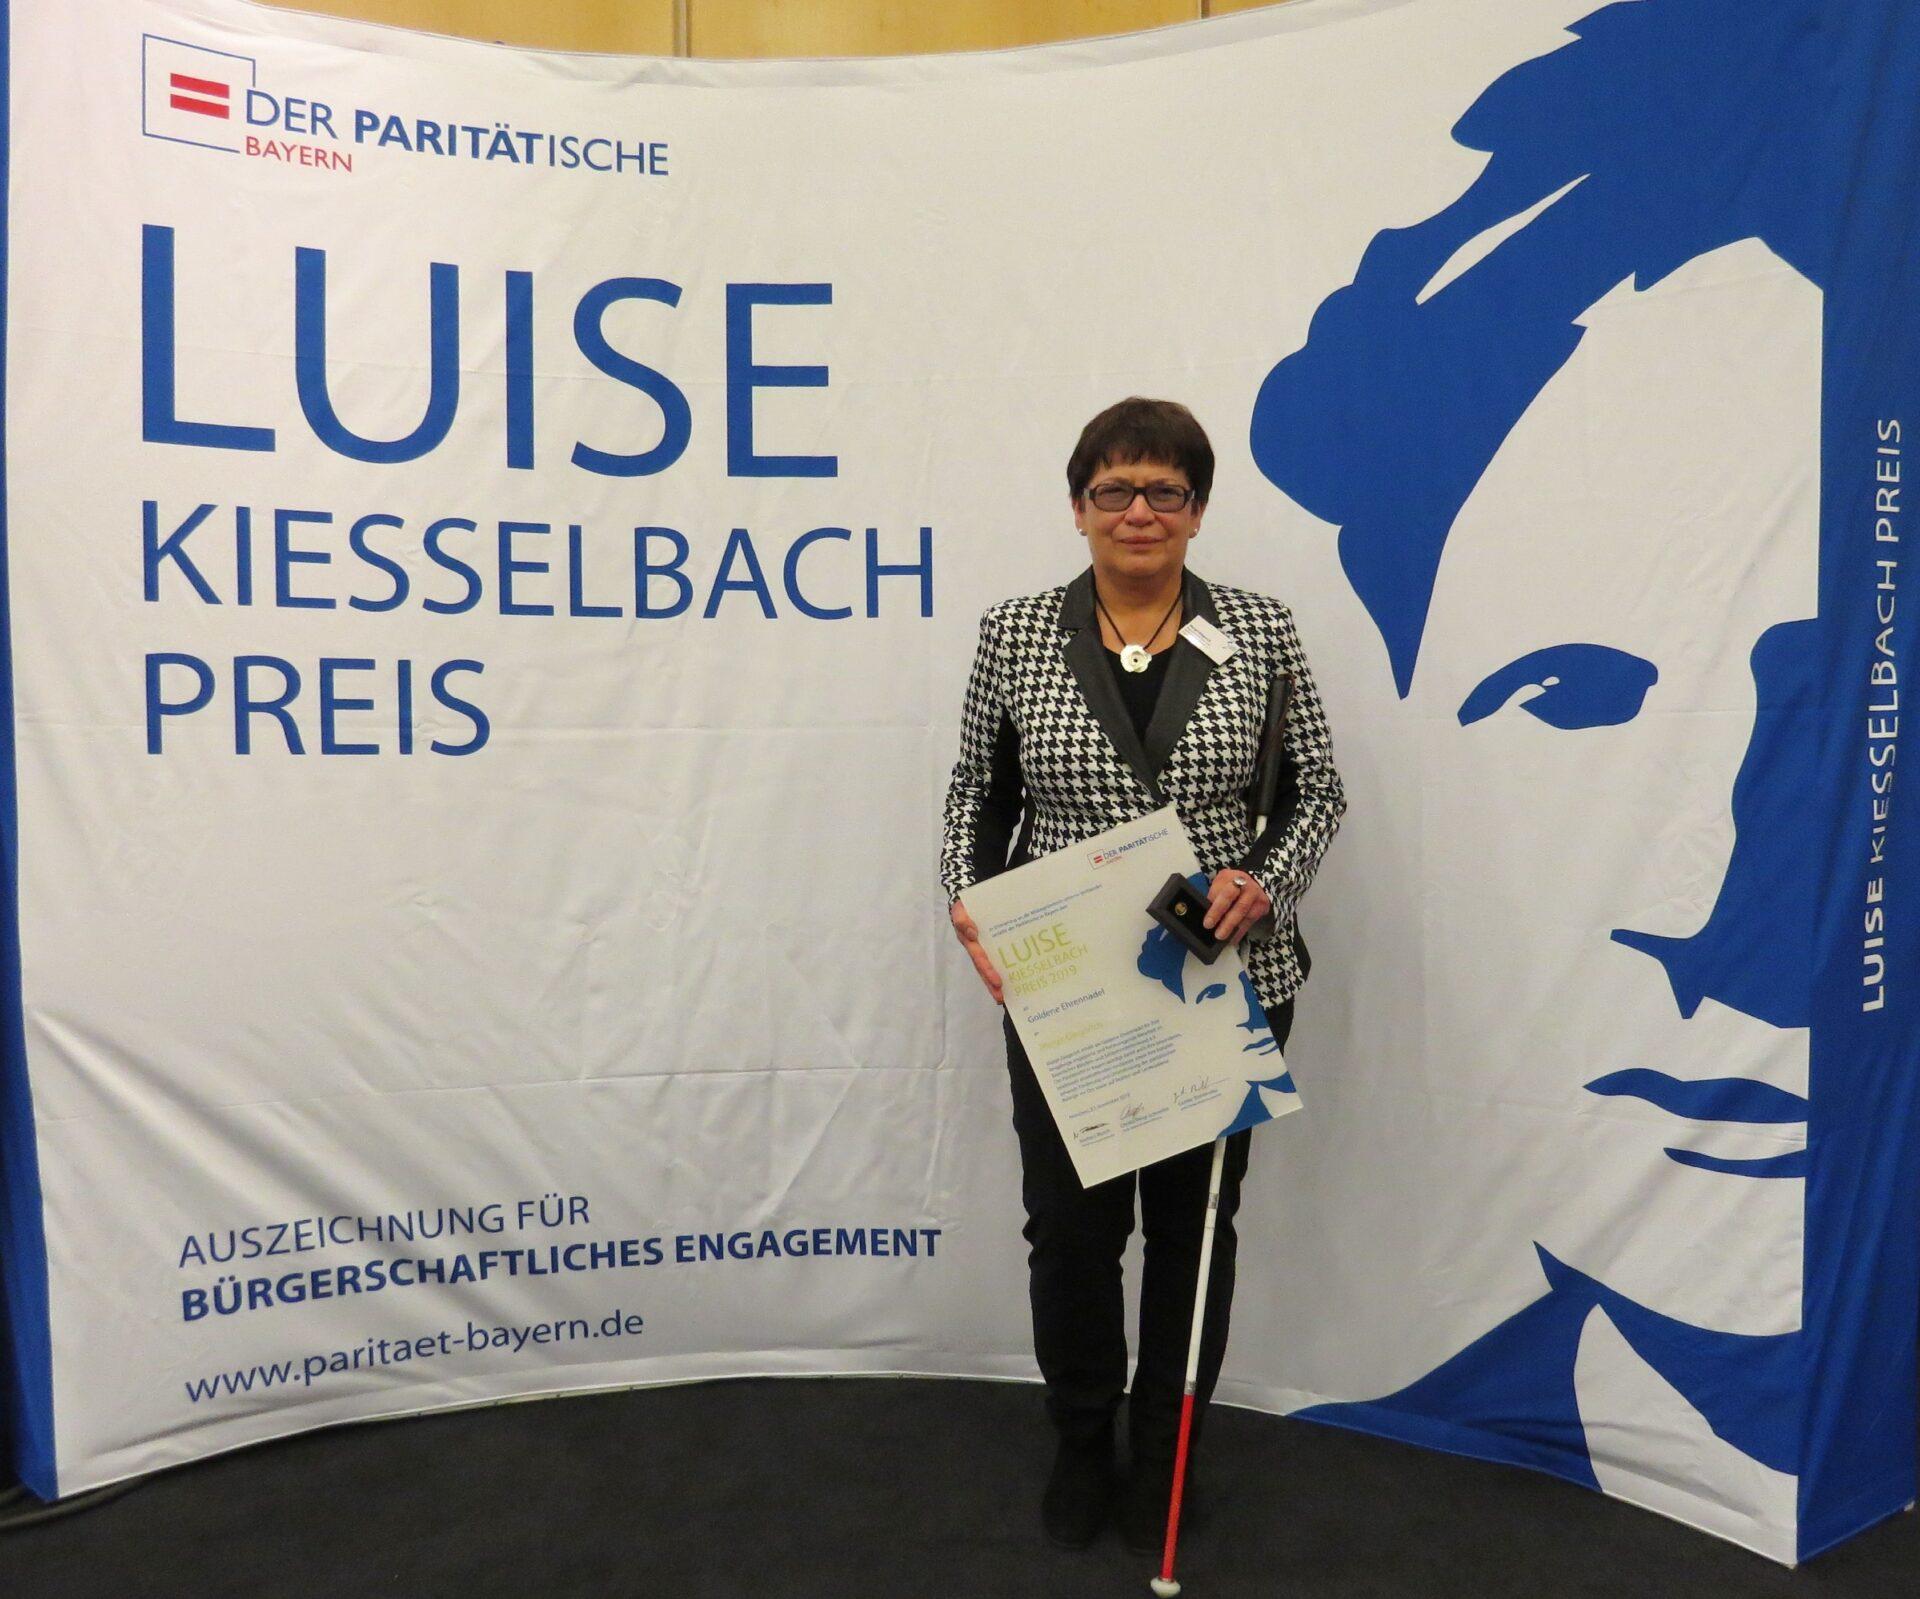 Verleihung des Luise-Kiesselbach-Preises an Margit Giegerich